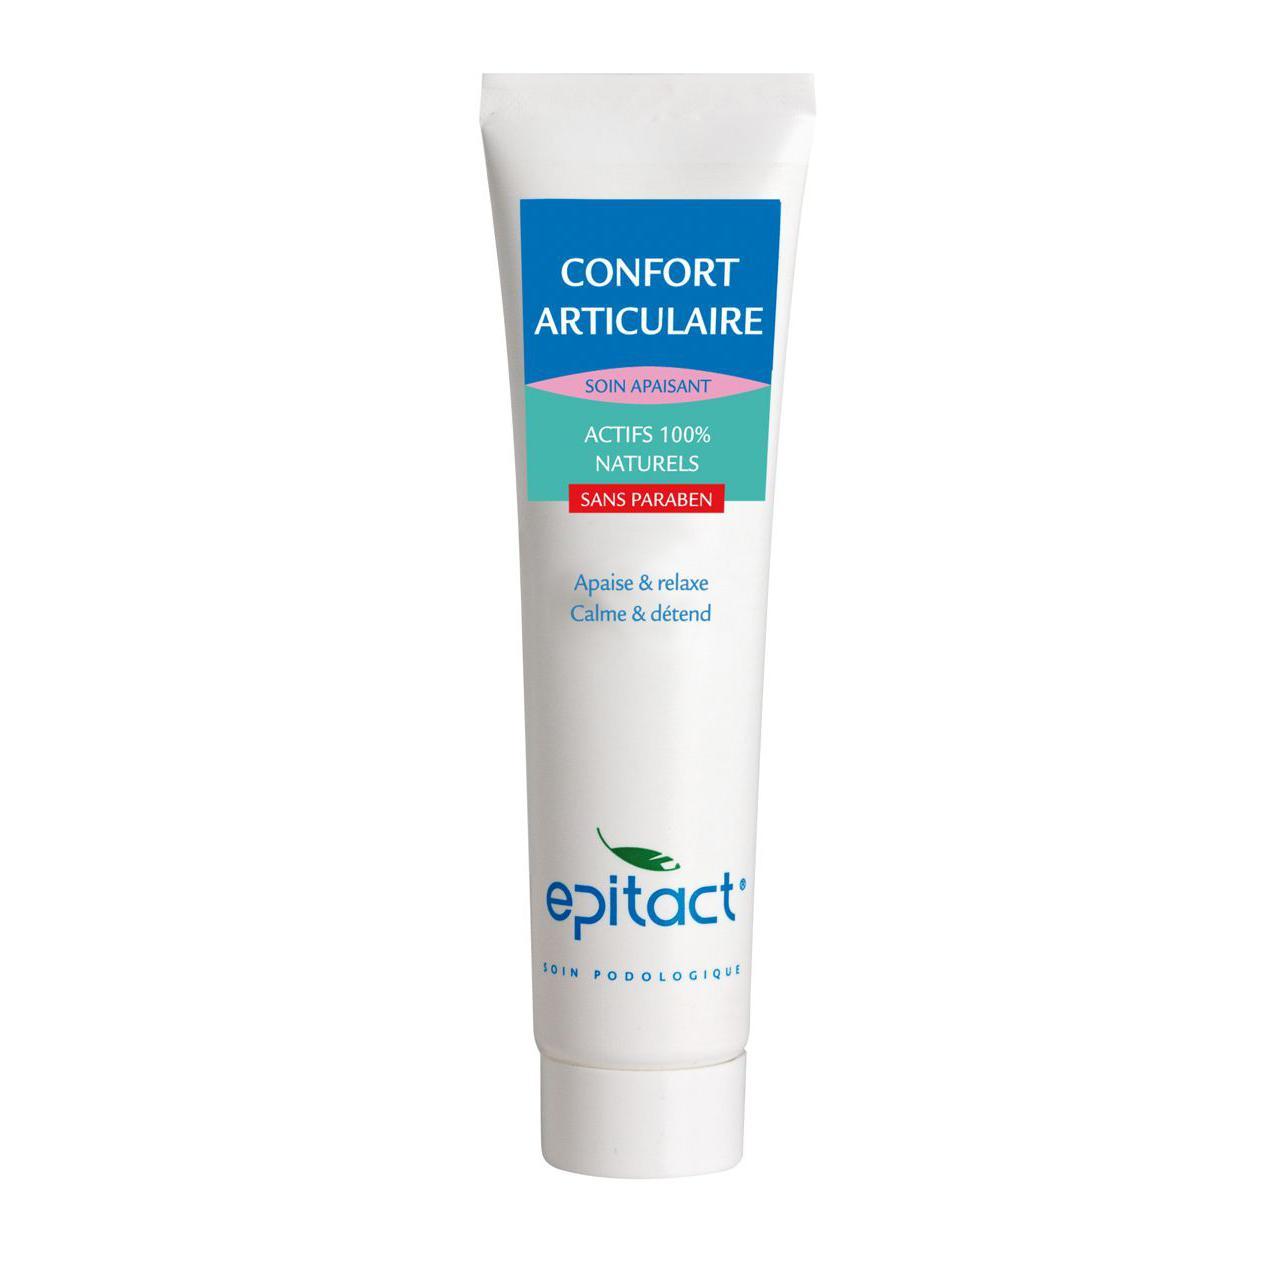 Image of Epitact Crème voor gewrichtscomfort